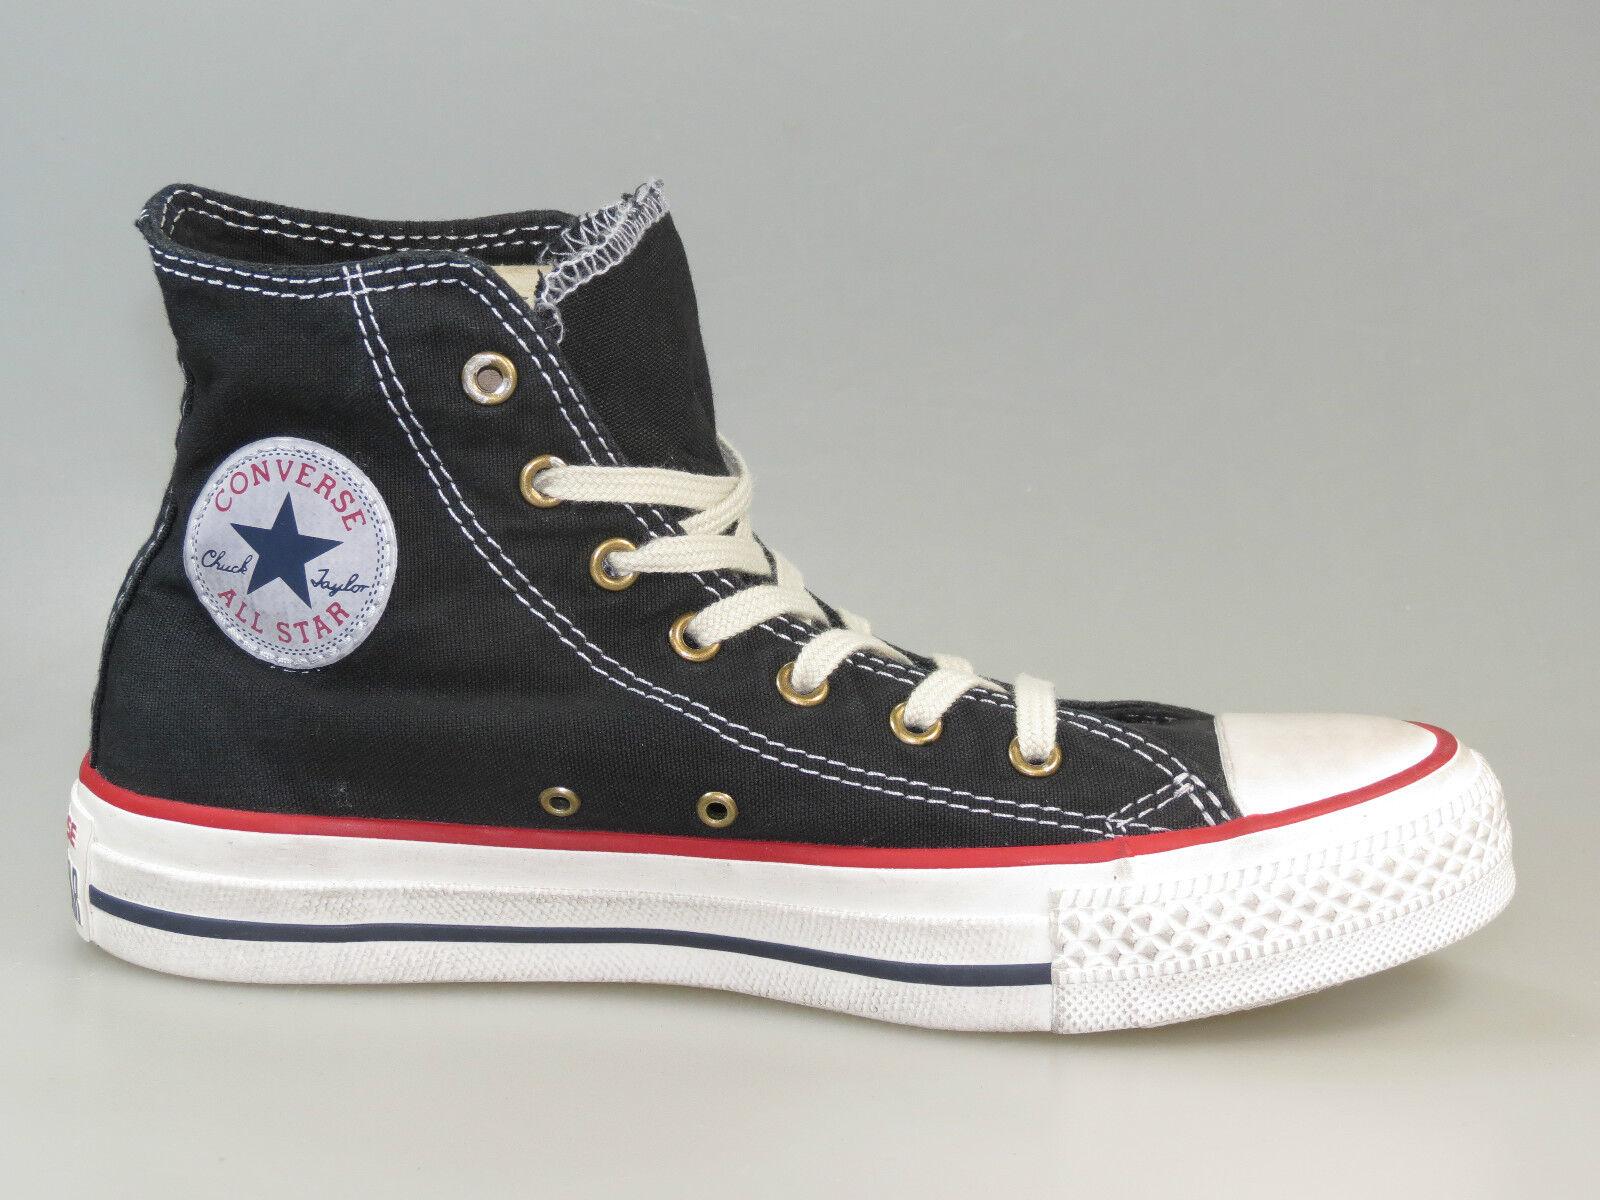 Converse Chucks CT HI BLACK Allstar 139907c Nuovo